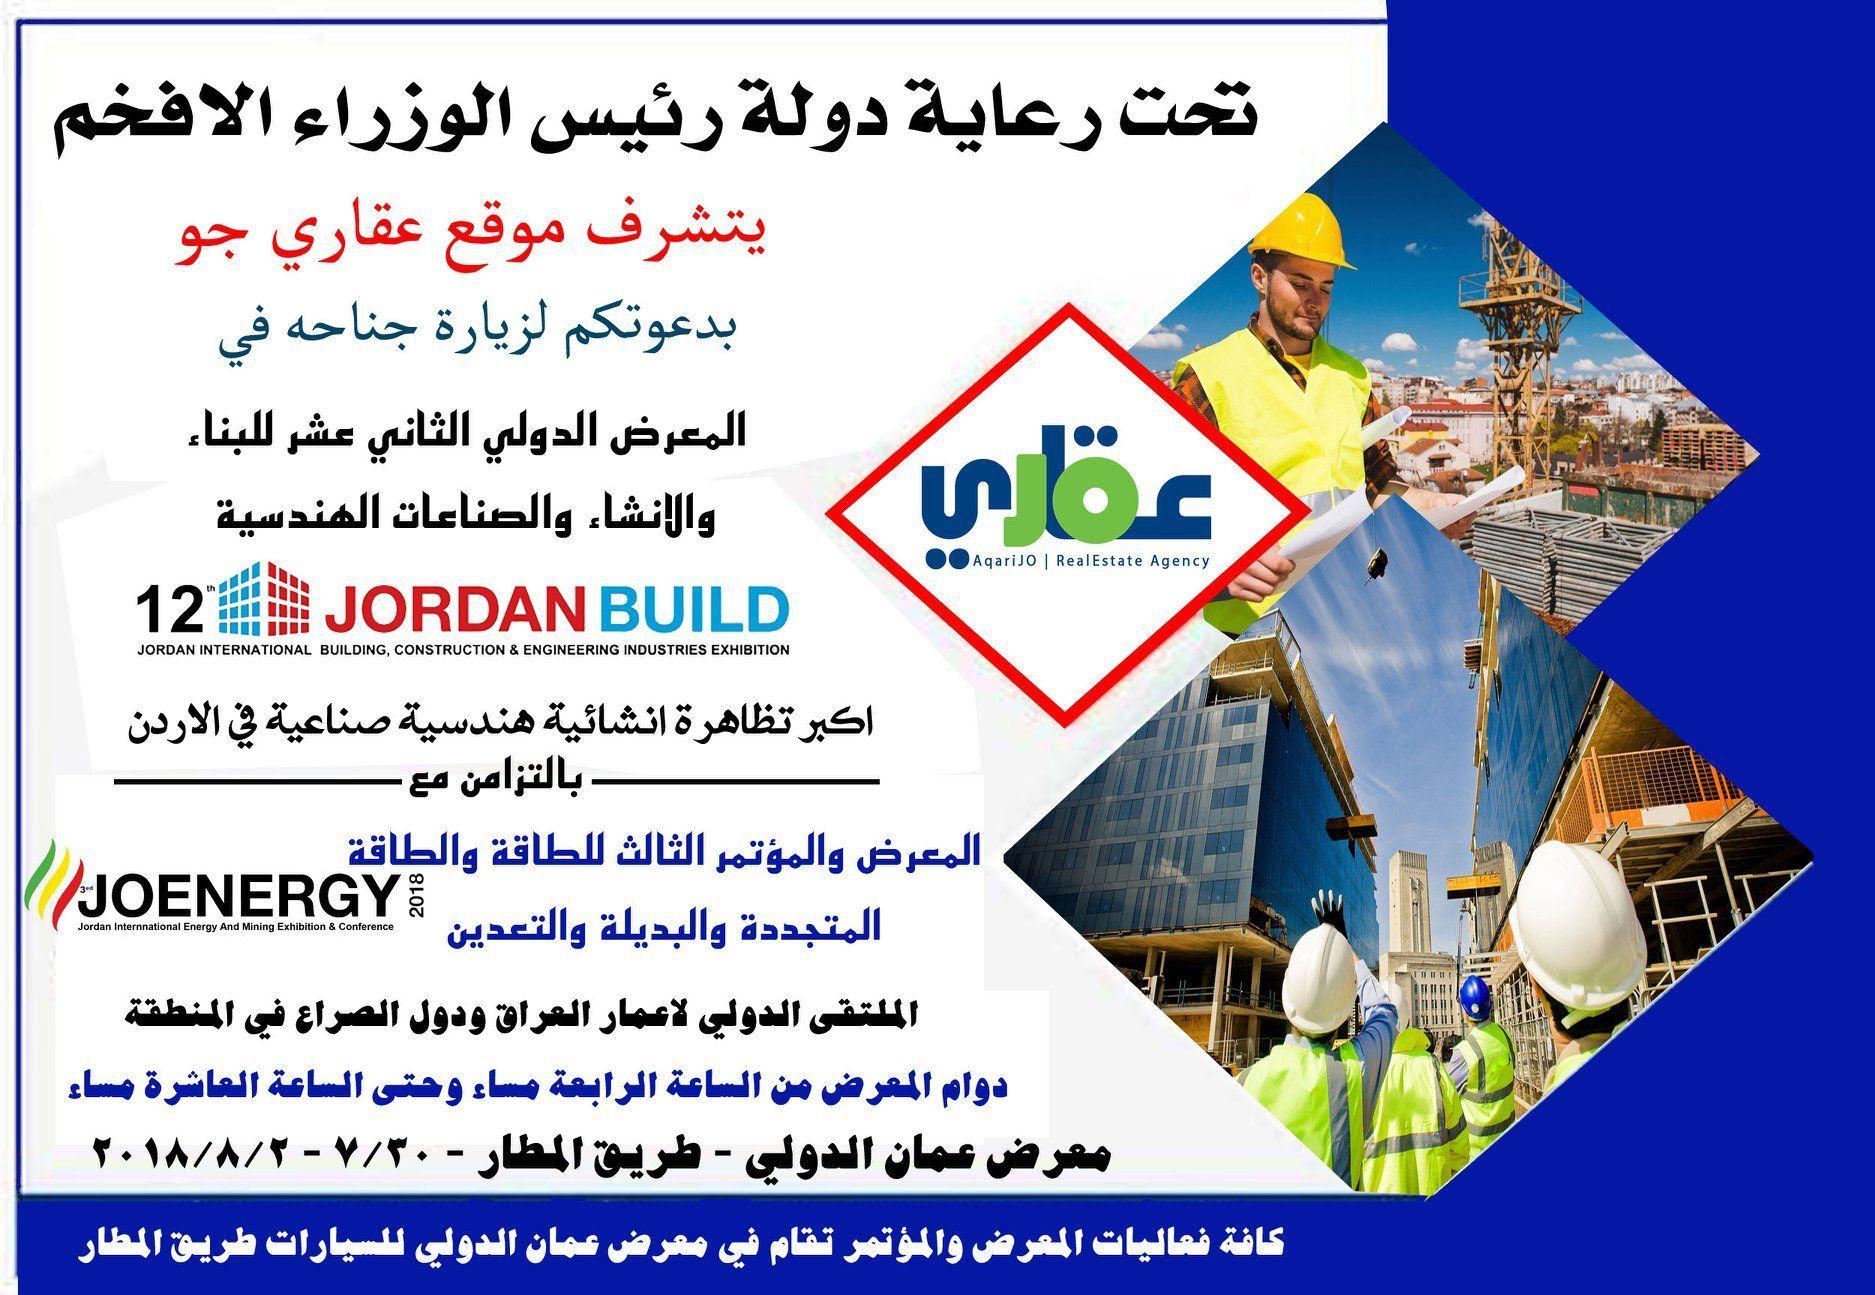 عقاري جو يتشرف بدعوتكم الى جناحه في معرض Jordan Build المعرض الدولي للبناء و الانشاء و الصناعات الهندسية في الفترة من 7 30 لغاية 8 2 من الس Real Estate Agency